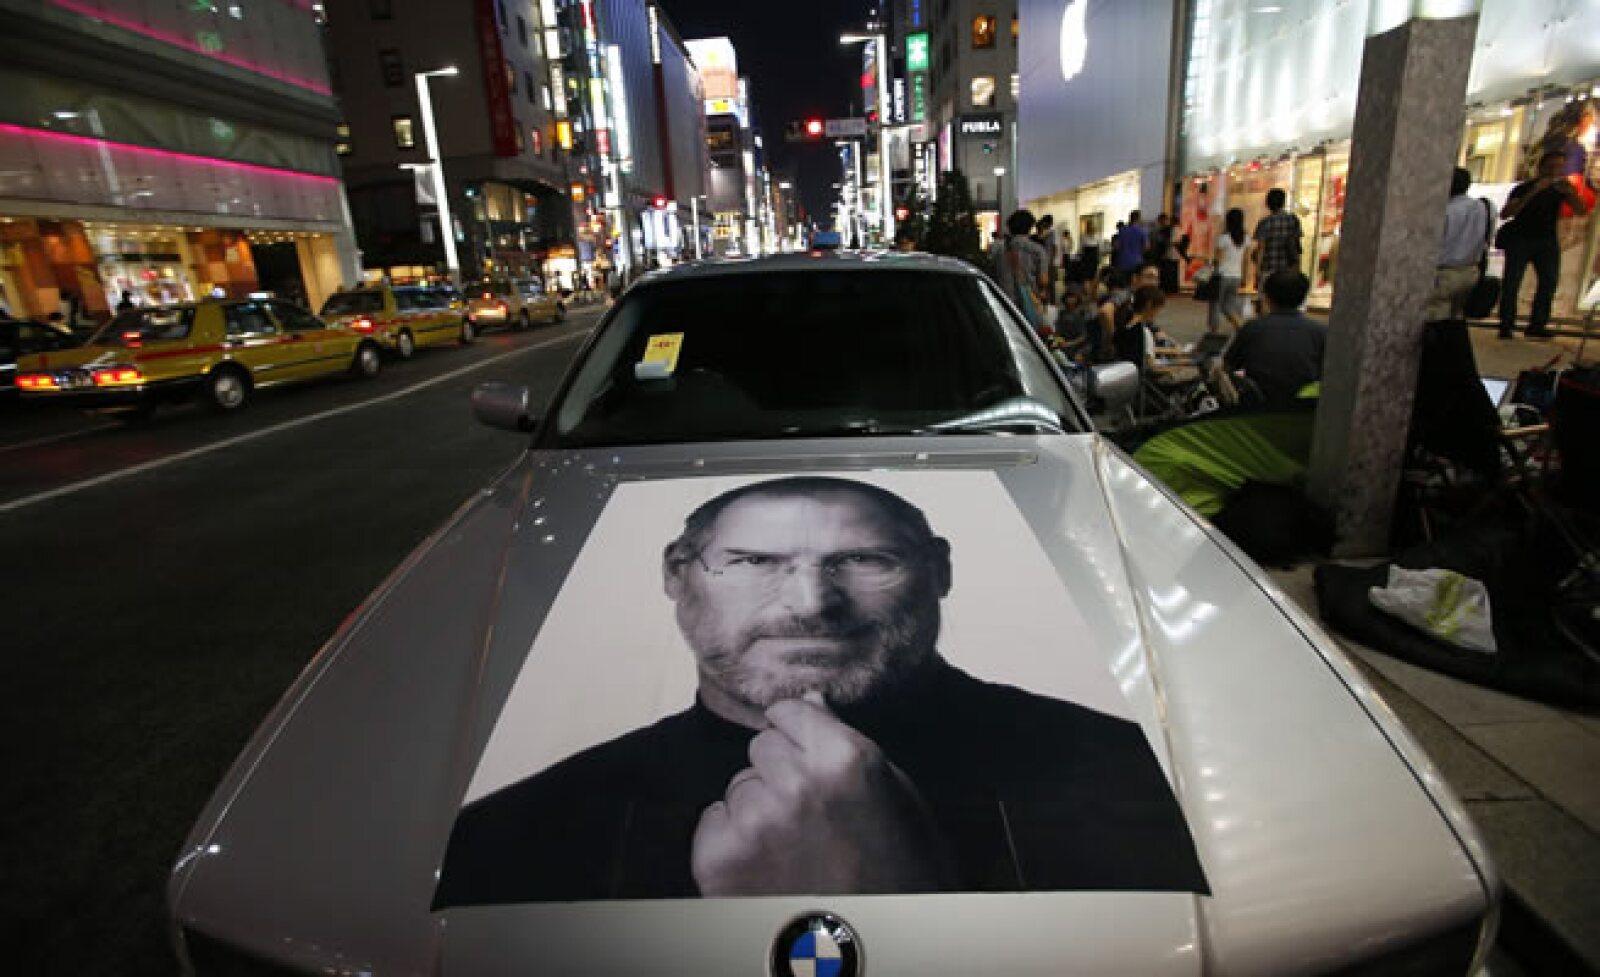 Hay quienes esperan un nuevo equipo en un BMW, con peculiar tributo a Steve Jobs.